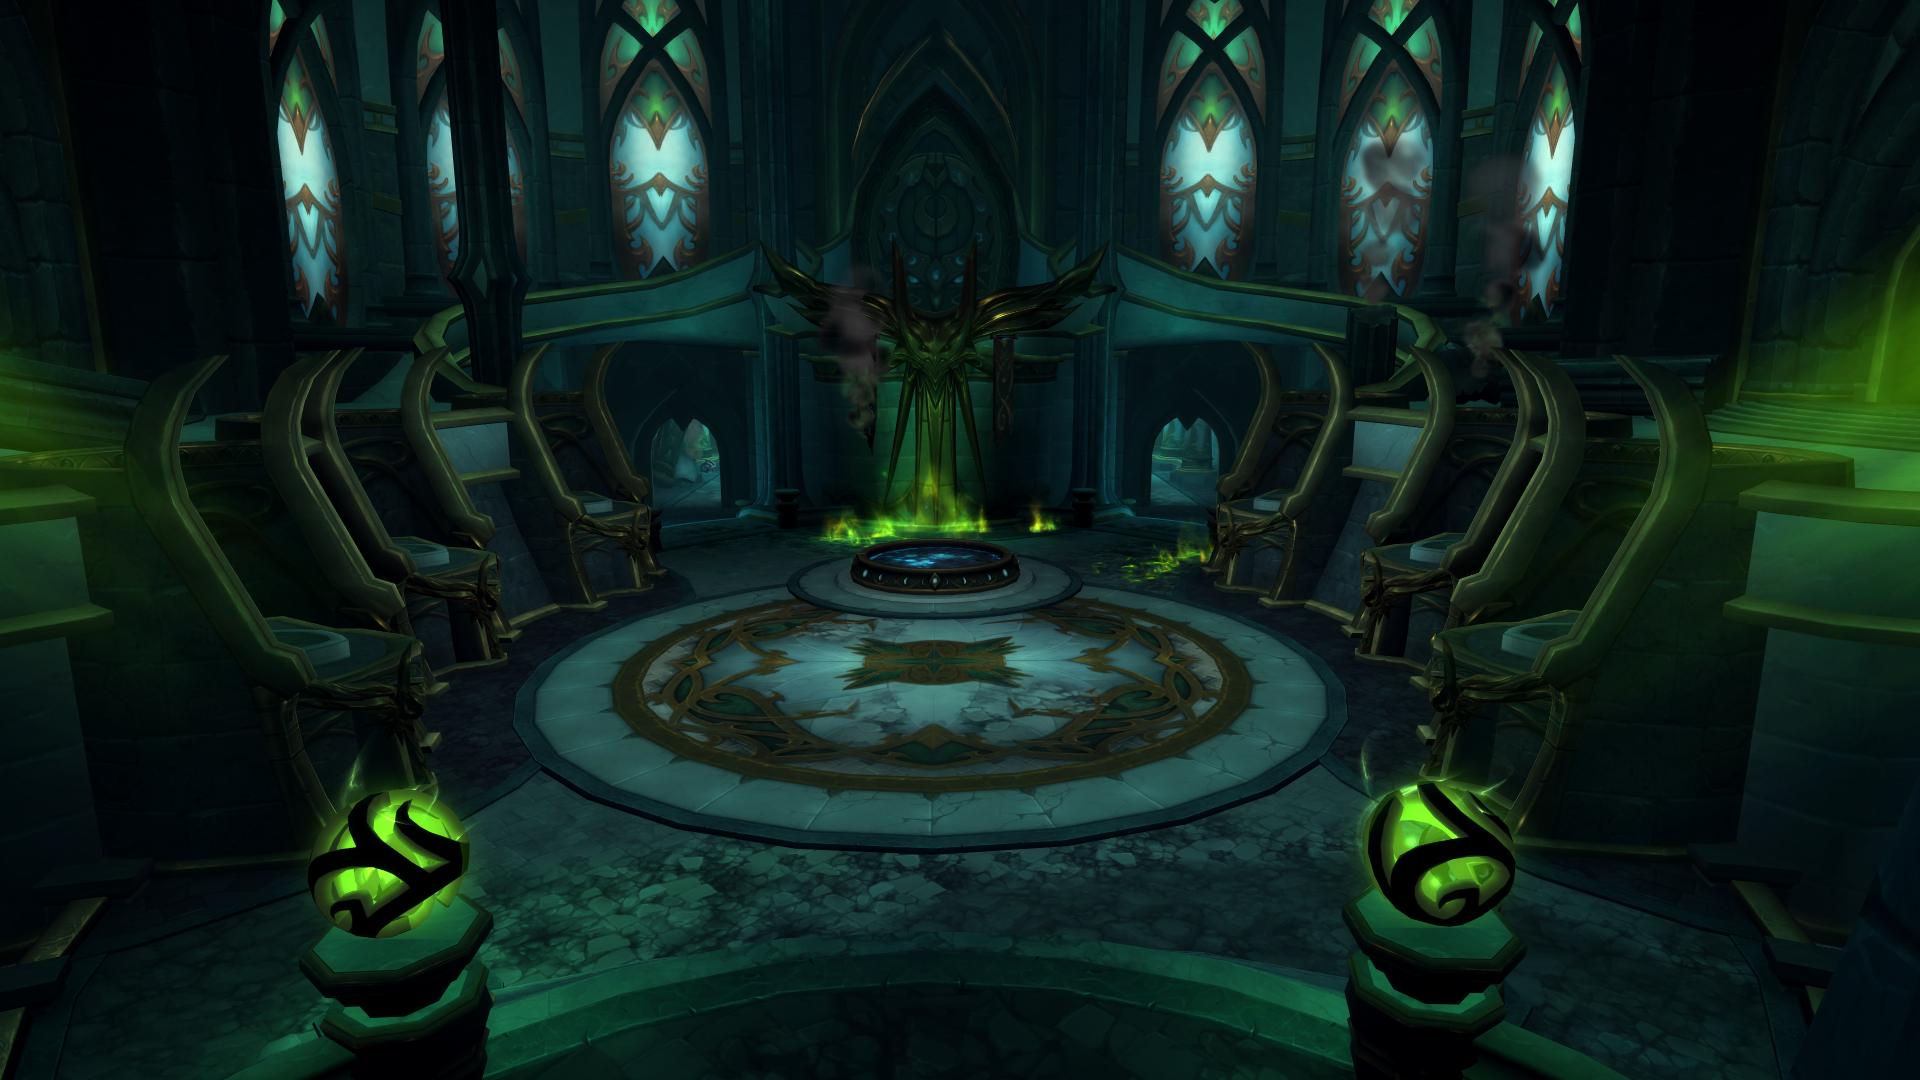 Free Download World Of Warcraft Legion Full Hd Wallpaper 1920x1080